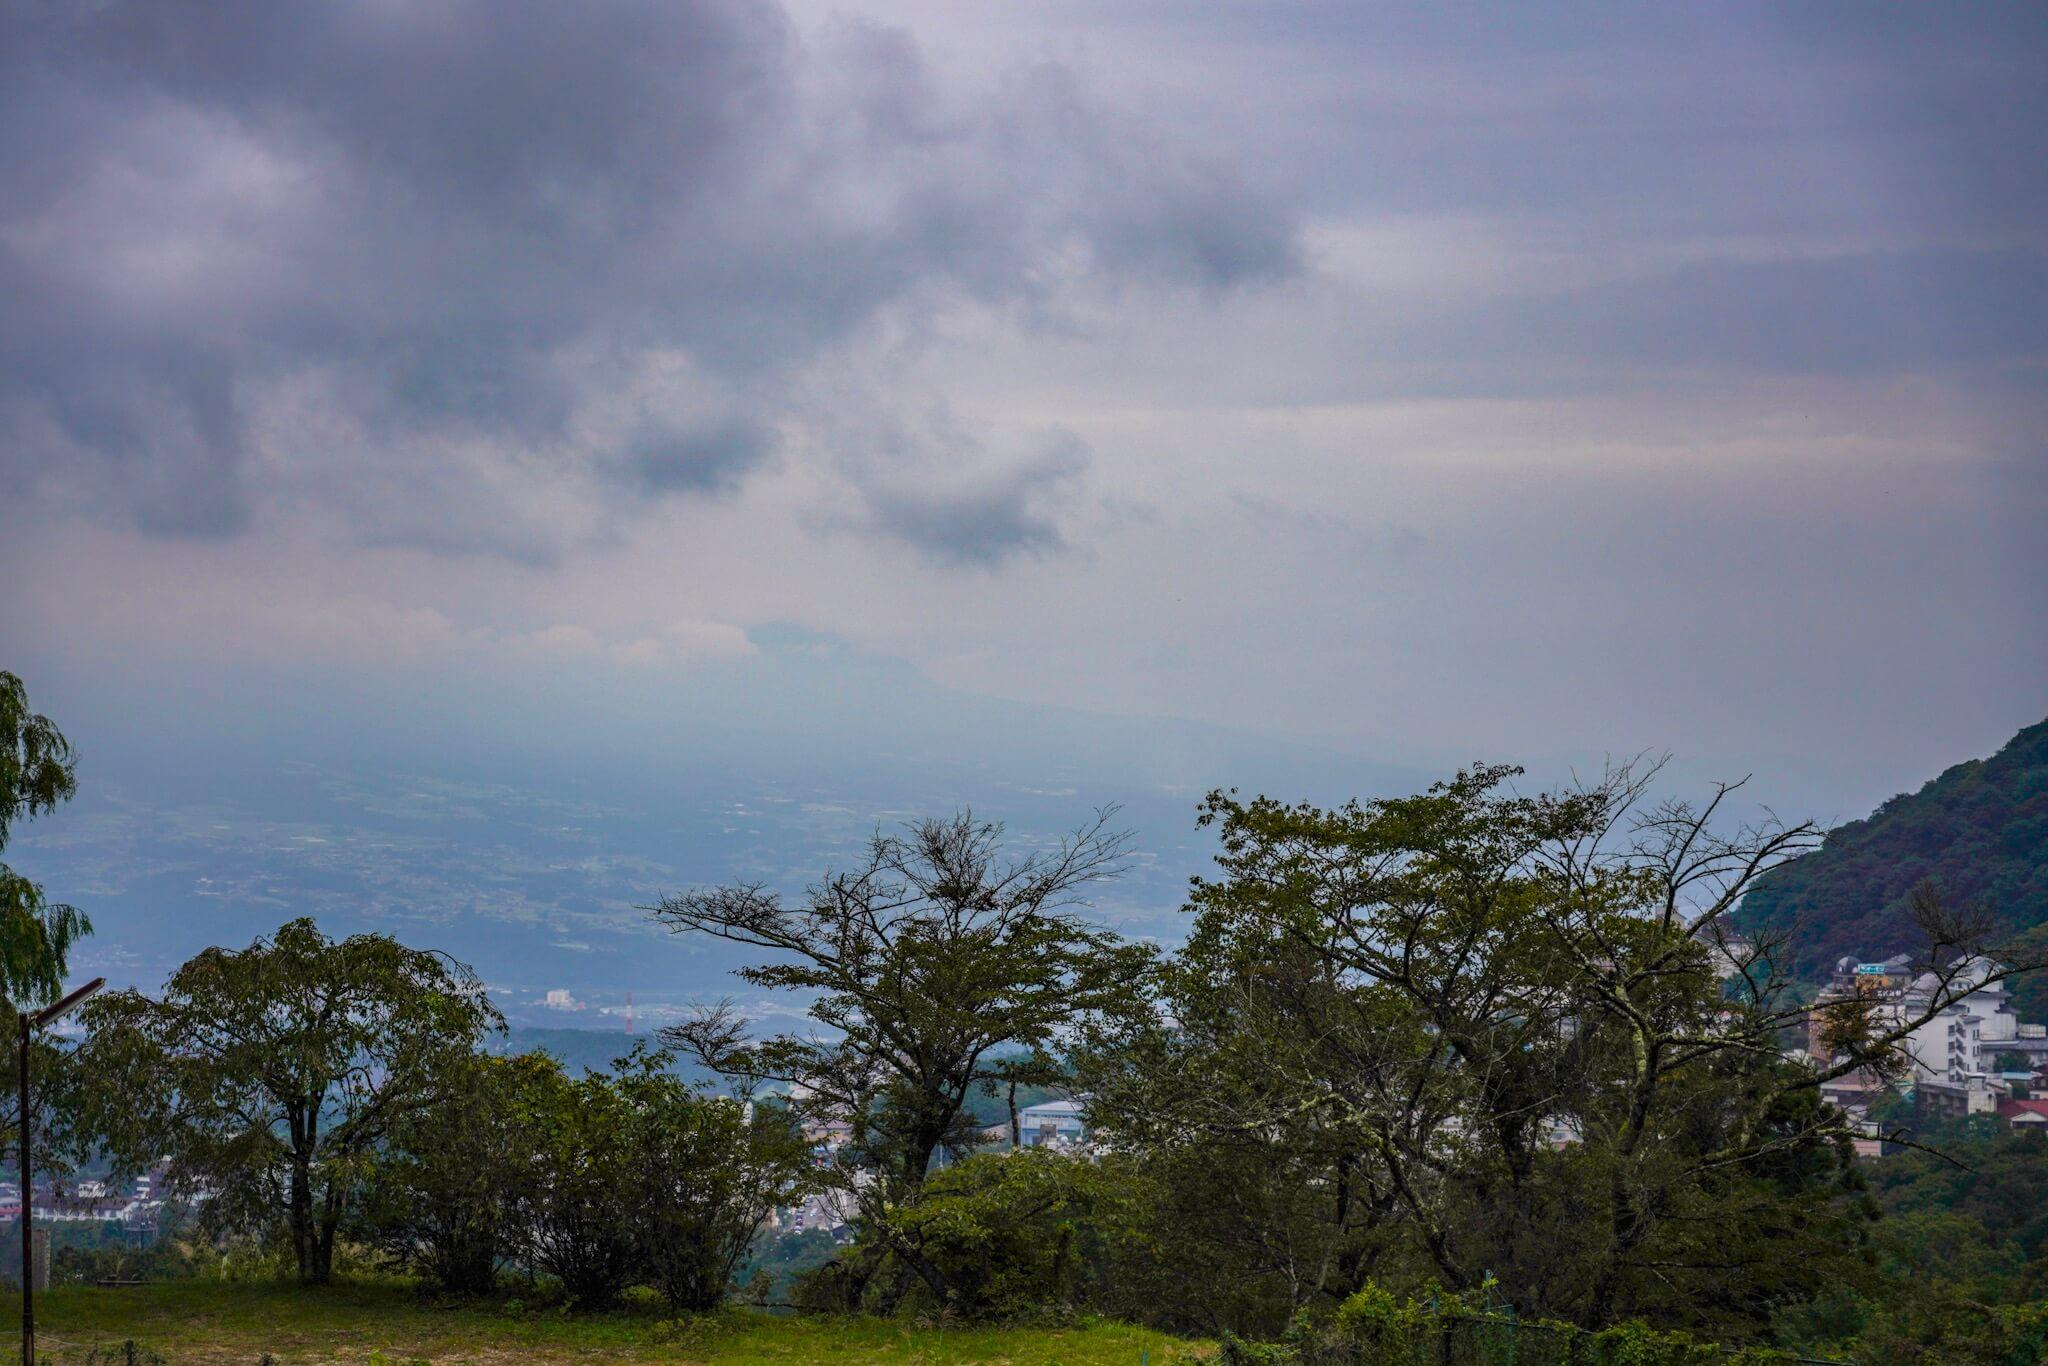 榛名山 カーブNo.9から8の間から見える景色